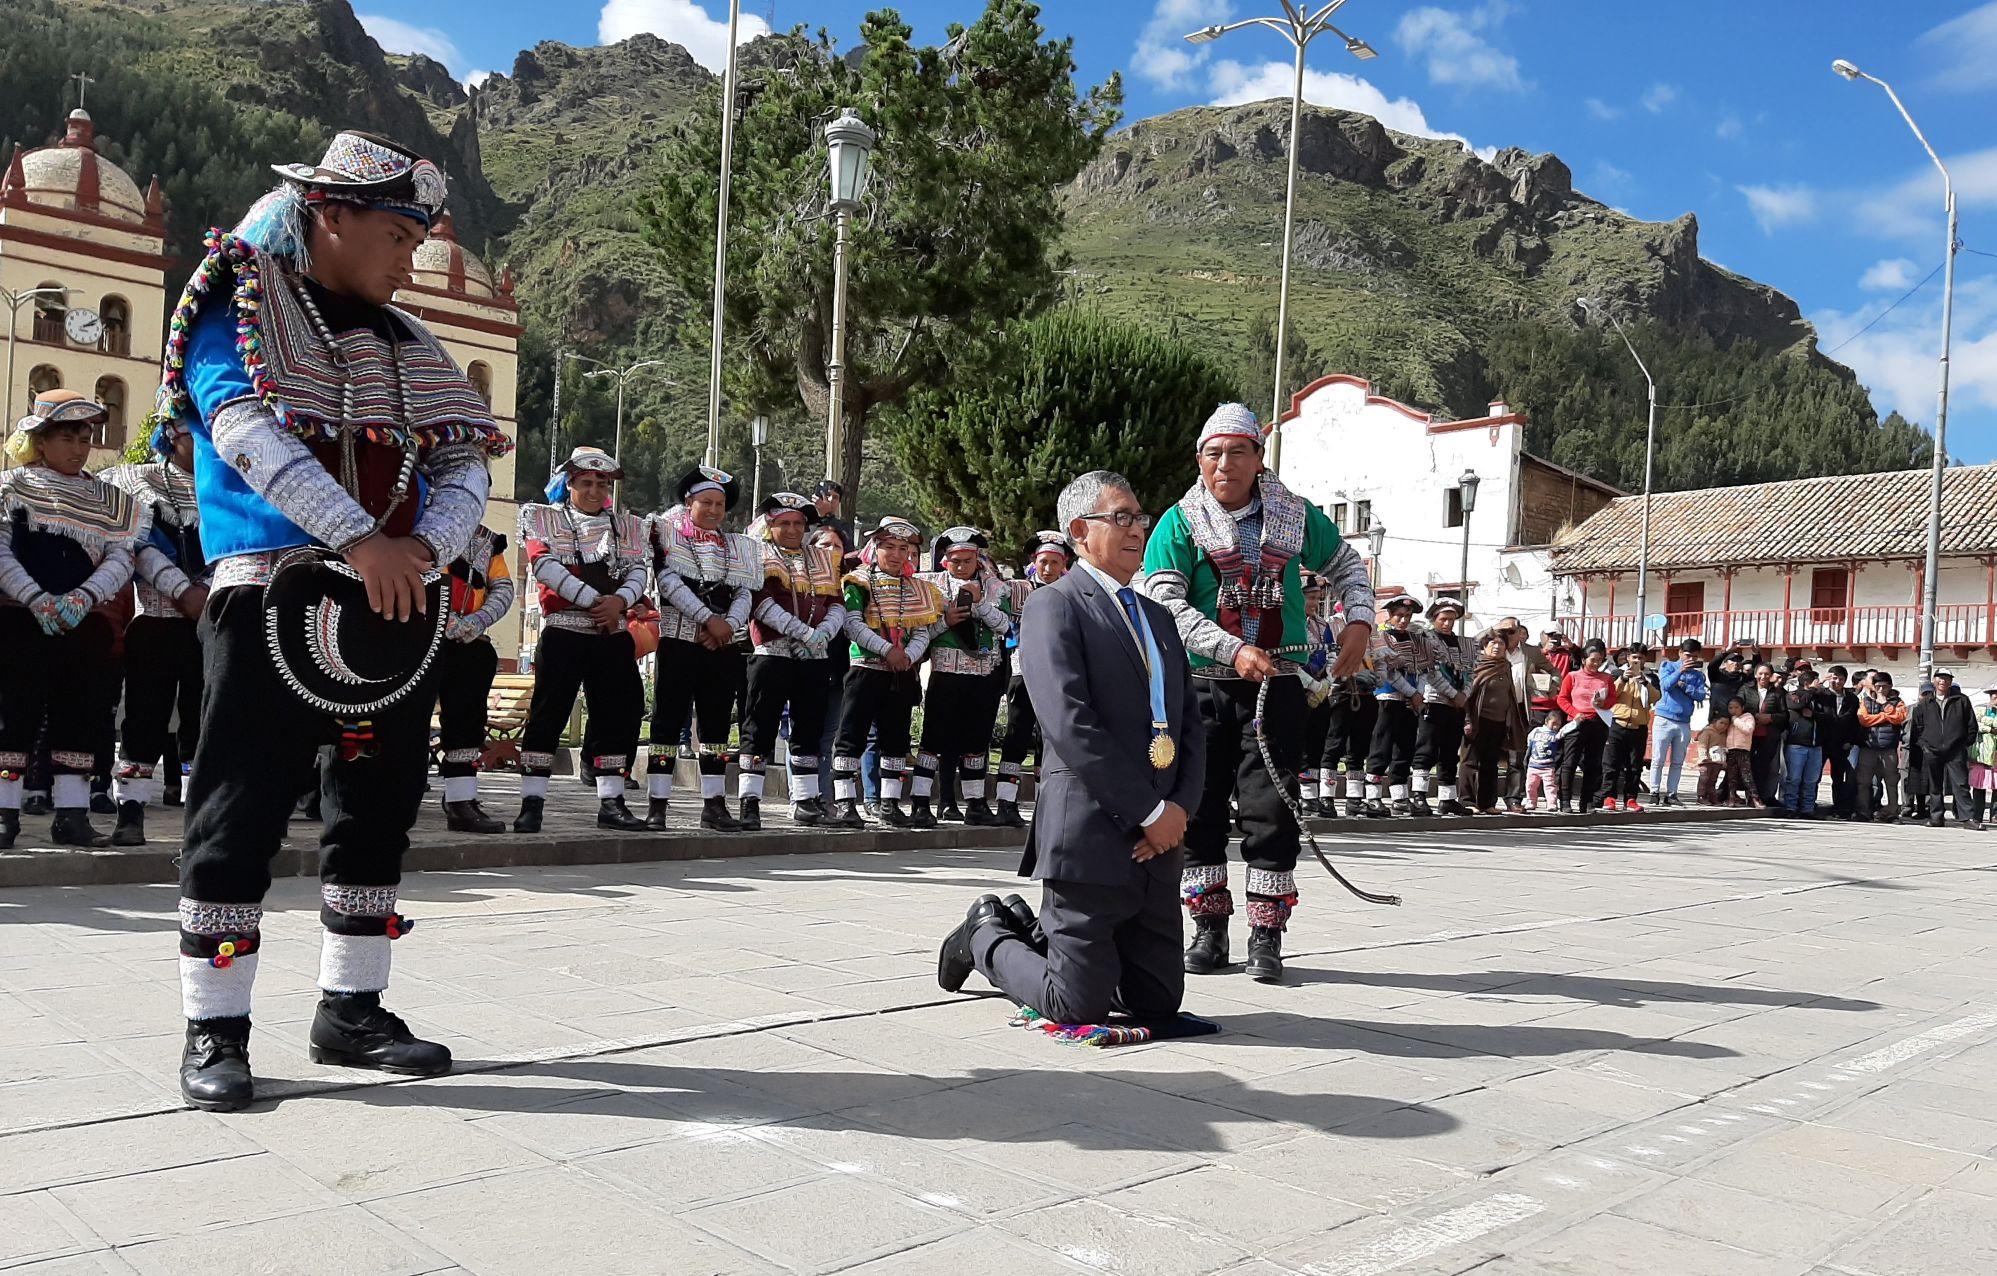 AUTORIDADES DE LA NACIÓN CHOPCCA LLEGARON HASTA HUANCAVELICA PARA EL TRADICIONAL RIQSINAKUY